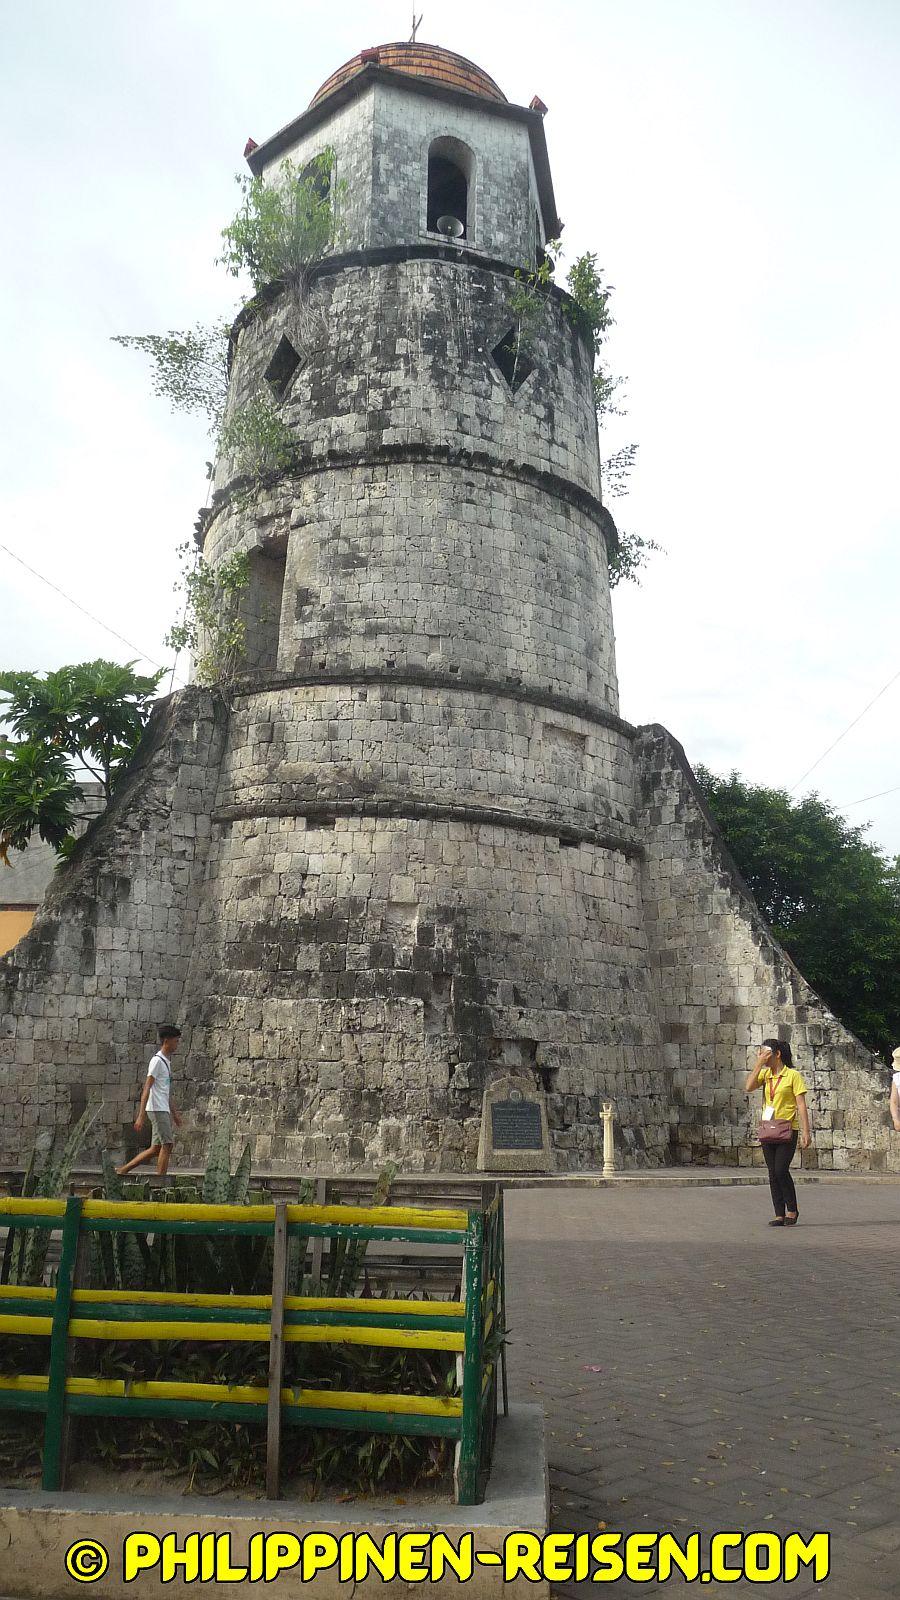 PHILIPPINEN REISEN - ORTE- NEGROS - NEGROS ORIENTAL - Dumaguete City Foto von Sir Dieter Sokoll